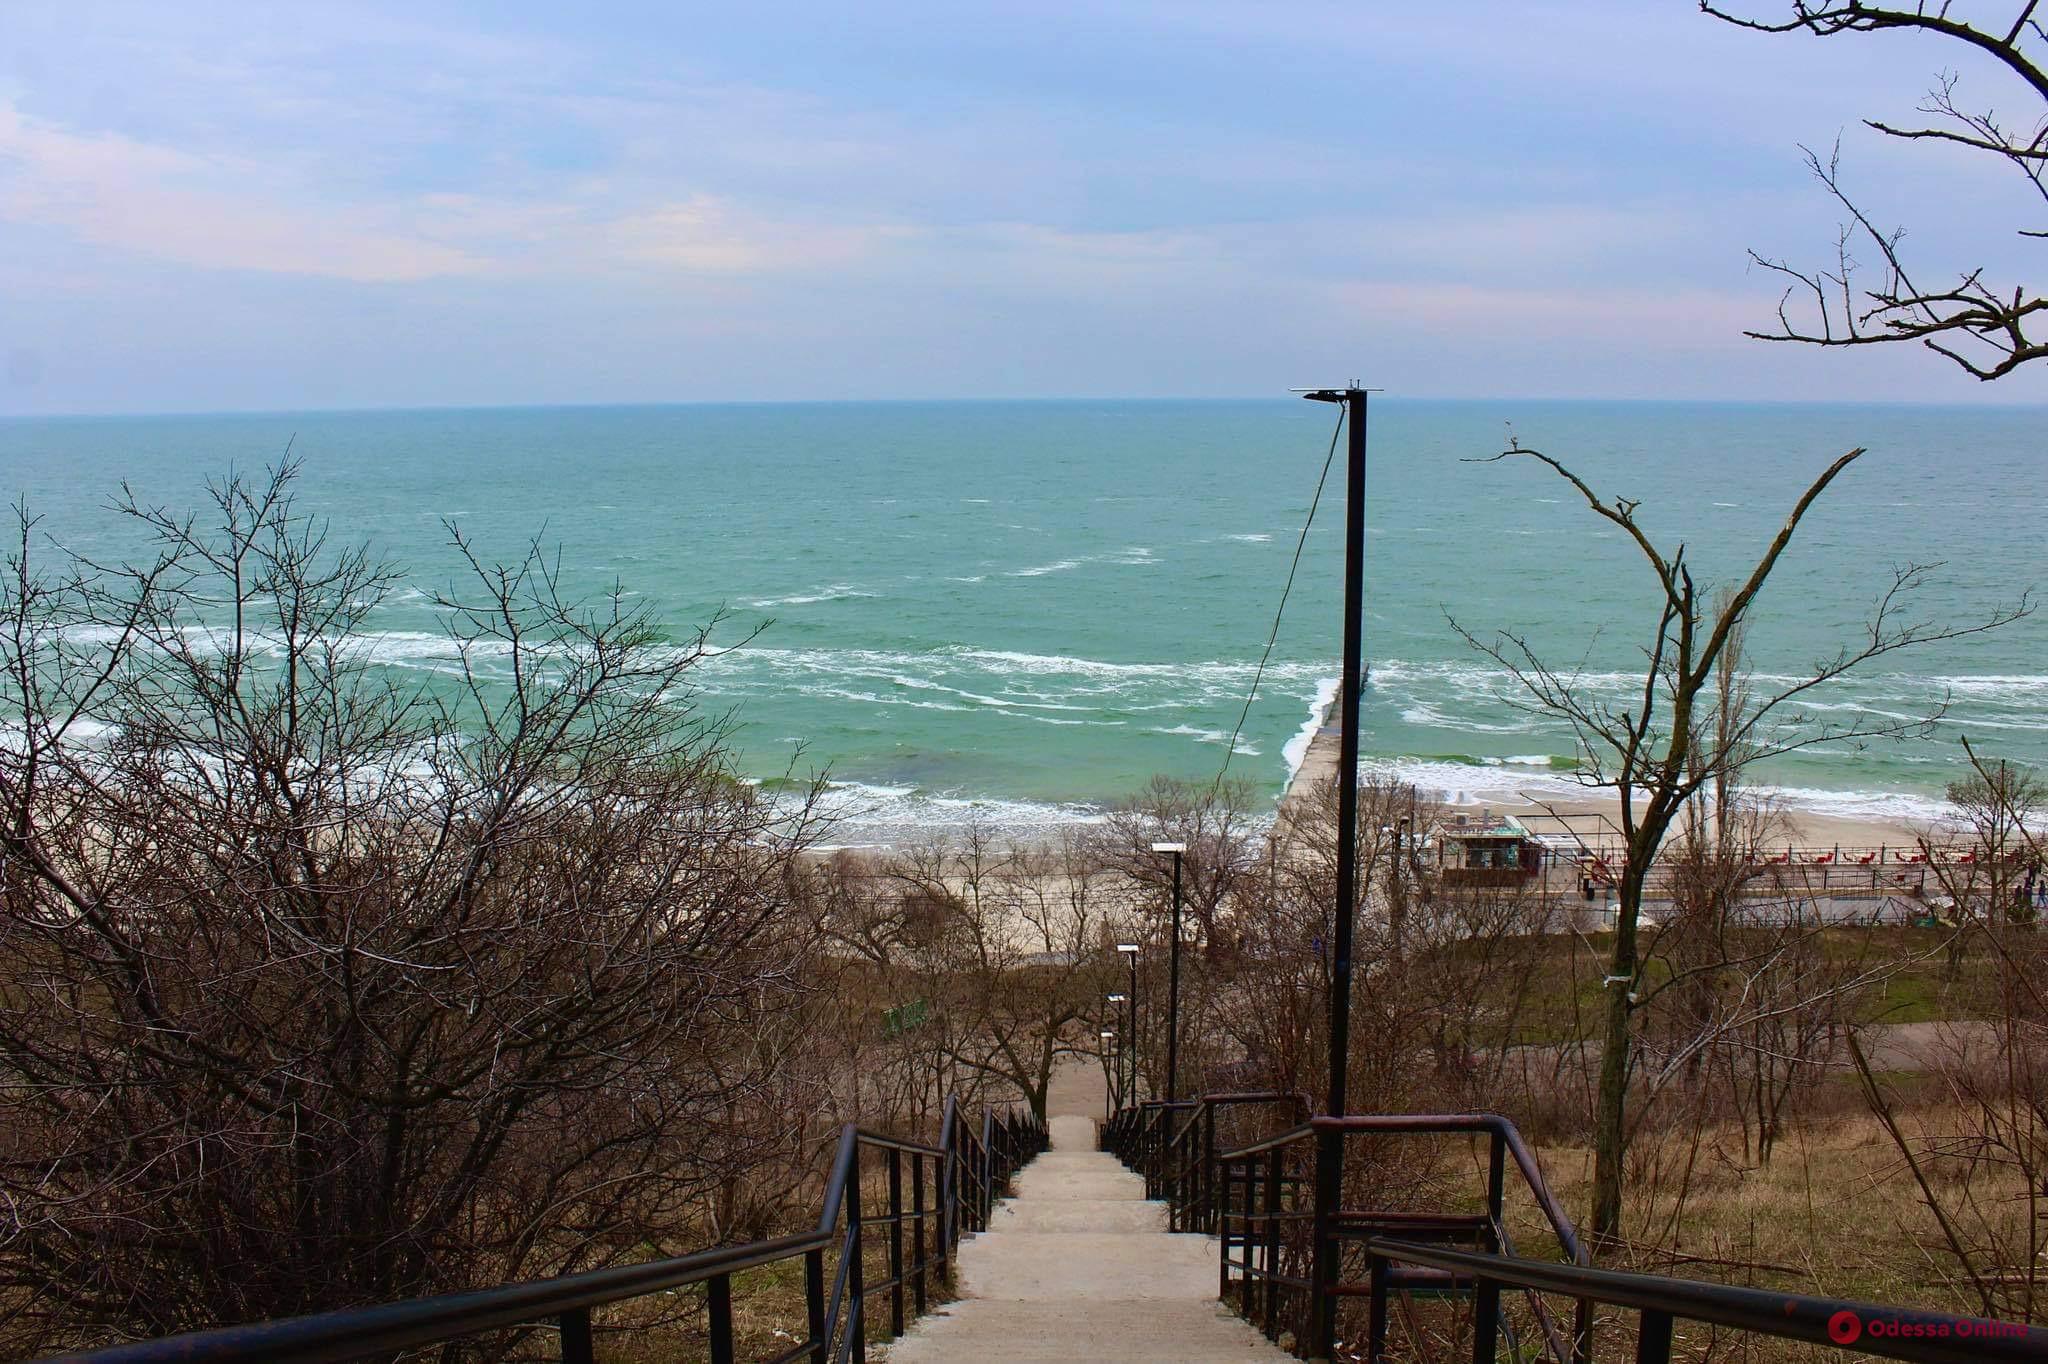 О погоде в понедельник: в Одессе будет тепло, но ветрено и дождливо